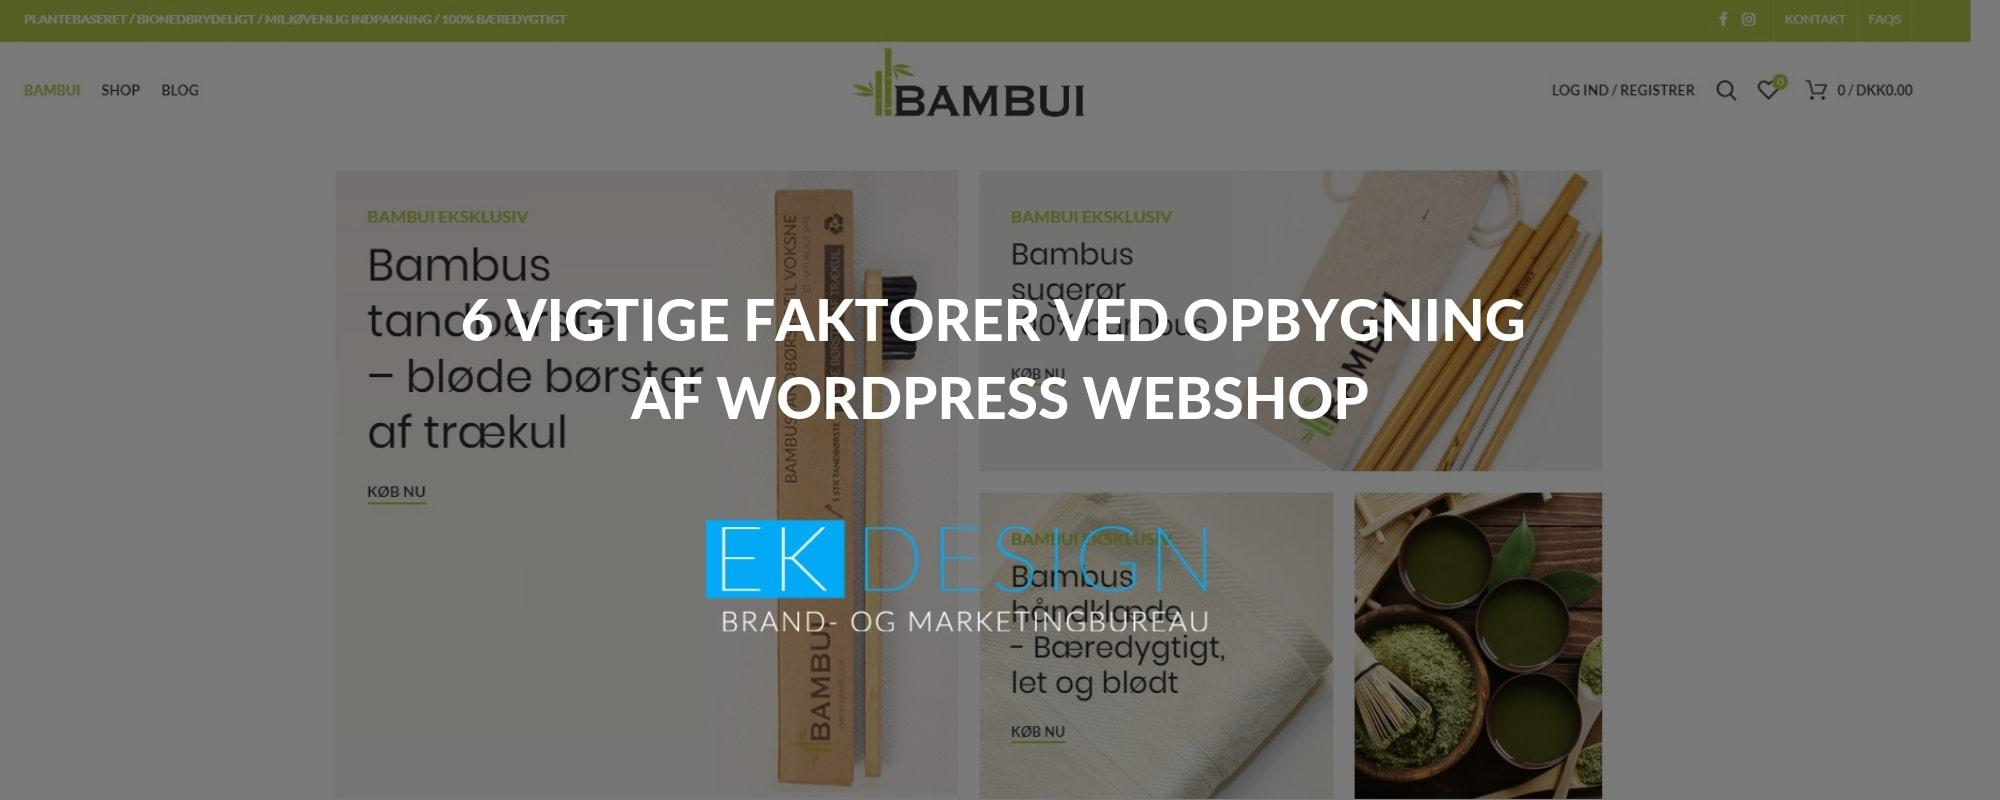 Bambui hjemmesiden